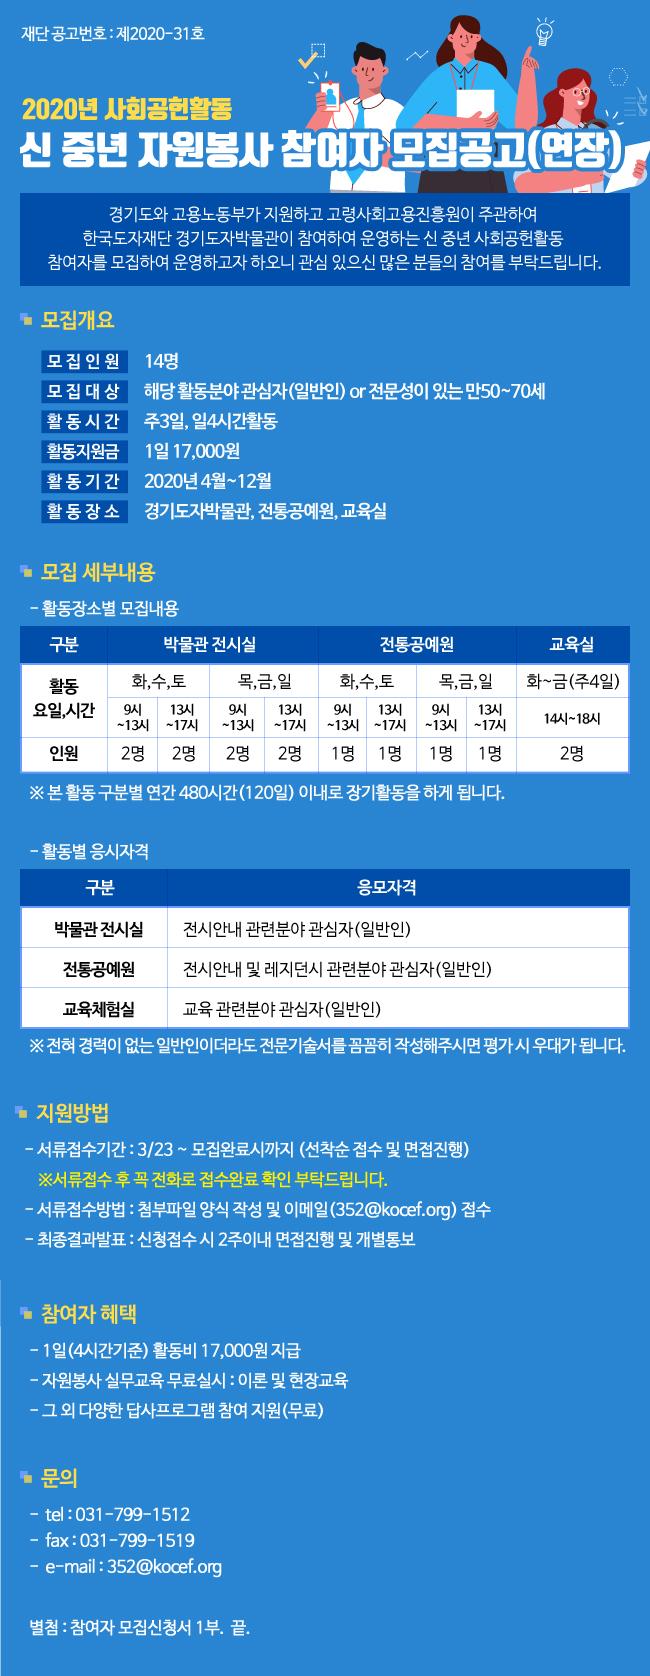 2020년 사회공헌활동 신 중년 자원봉사 참여자 모집공고(연장)